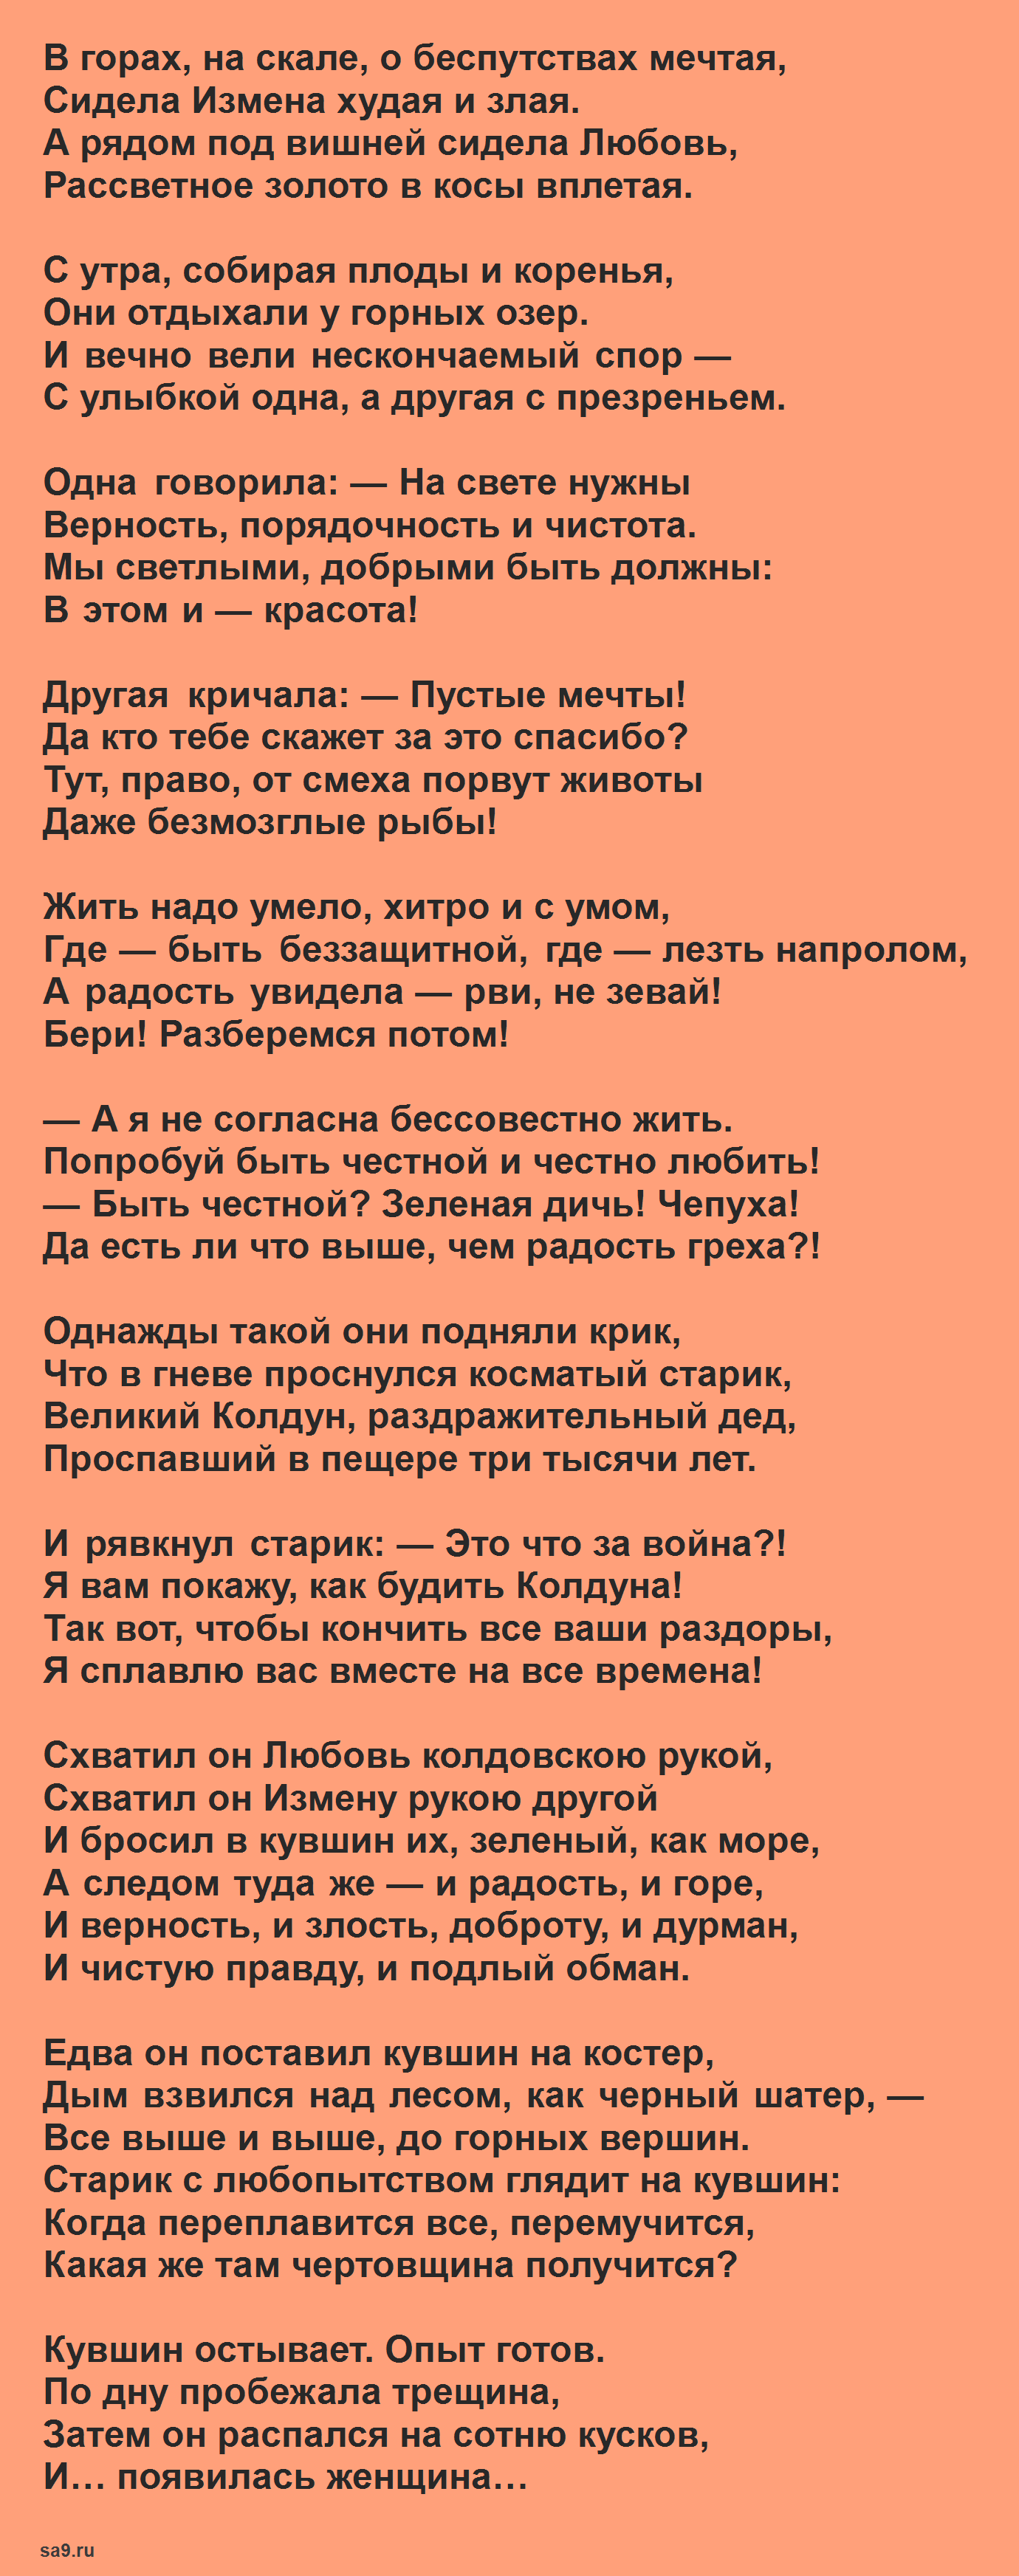 Читать стихи Эдуарда Асадова о любви - Любовь, измена и колдун